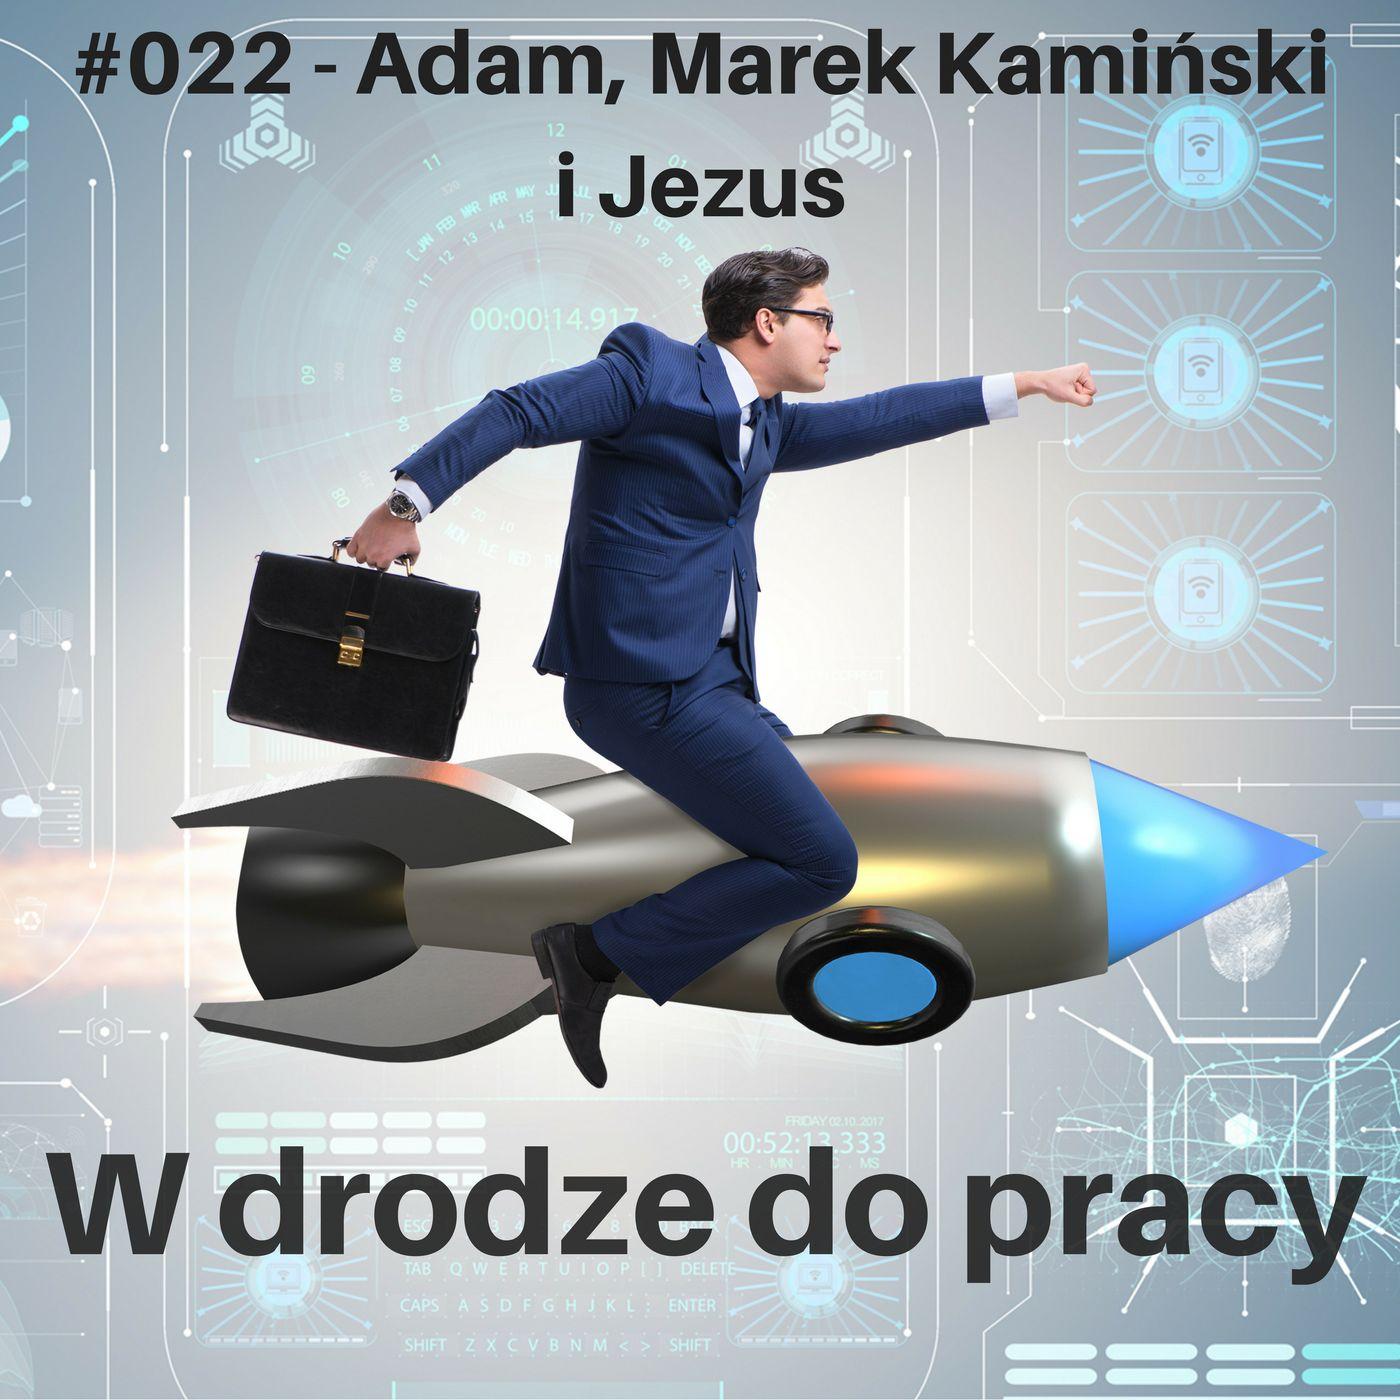 #022 - Co łączy Adama, Marka Kamińskiego i Jezusa... czyli o stylach myślenia wg FRIS®